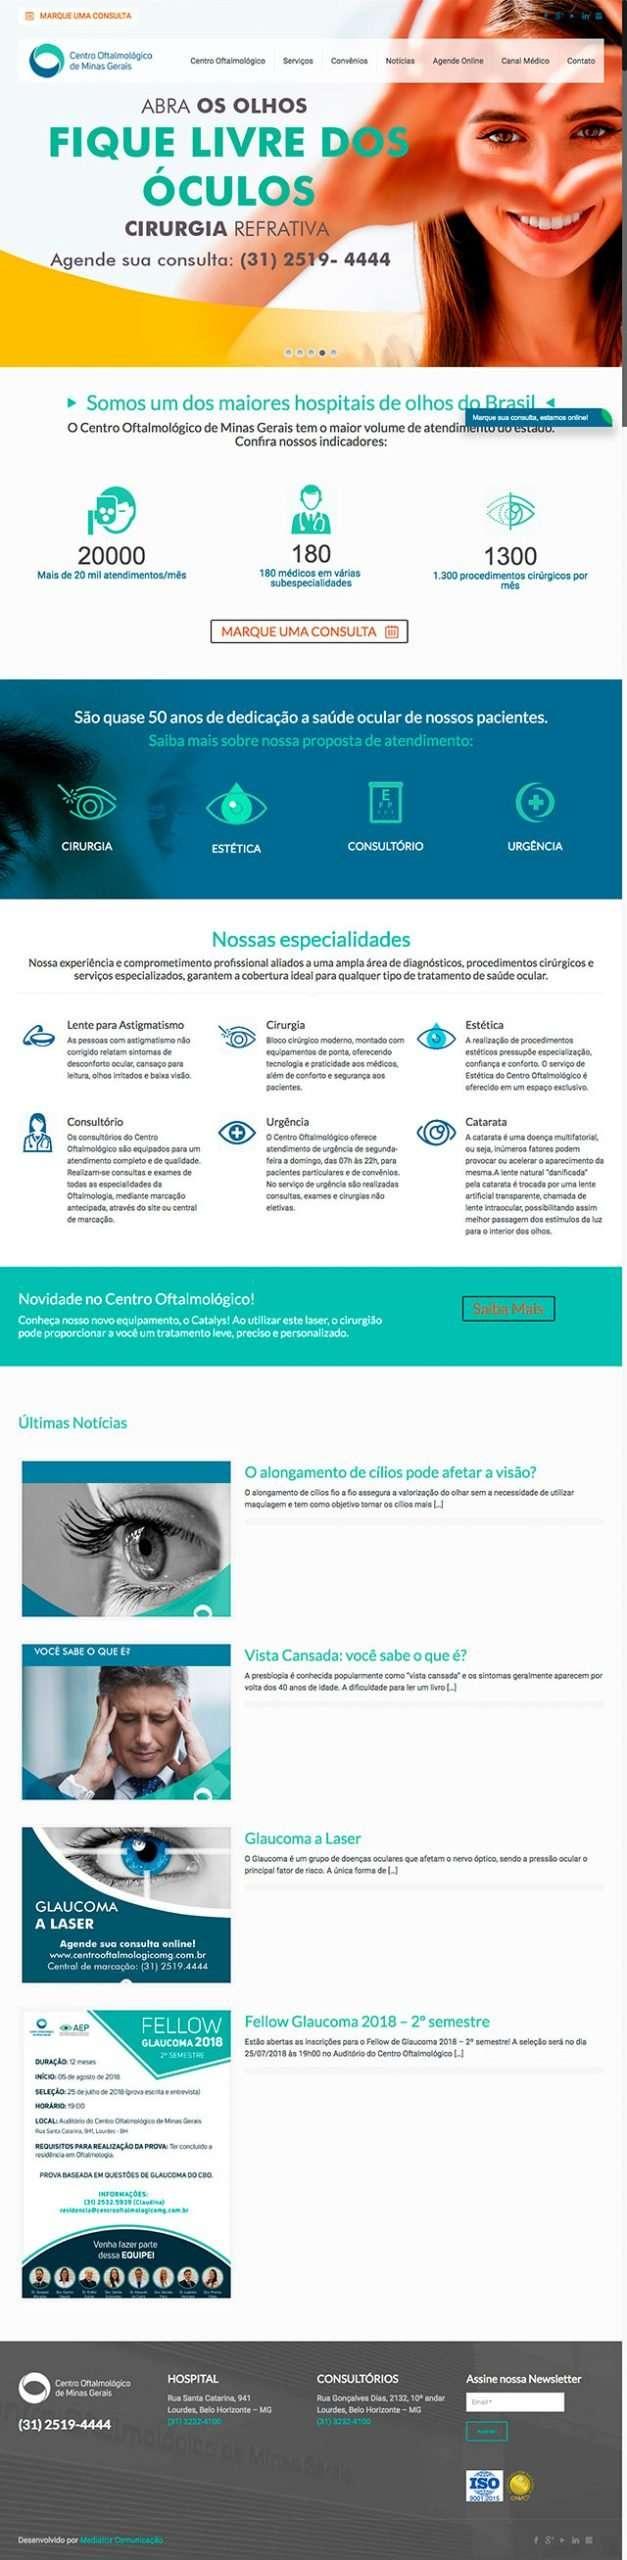 Centro Oftalmologico de Minas Gerais scaled Portfolio